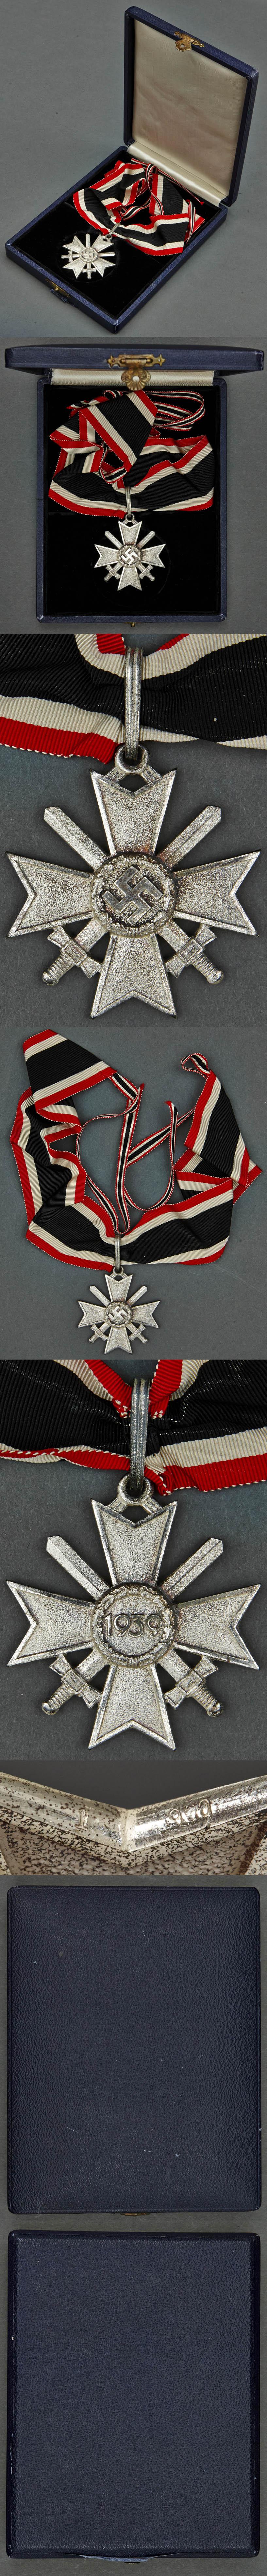 Cased Silver Knight's Cross of the War Merit Cross